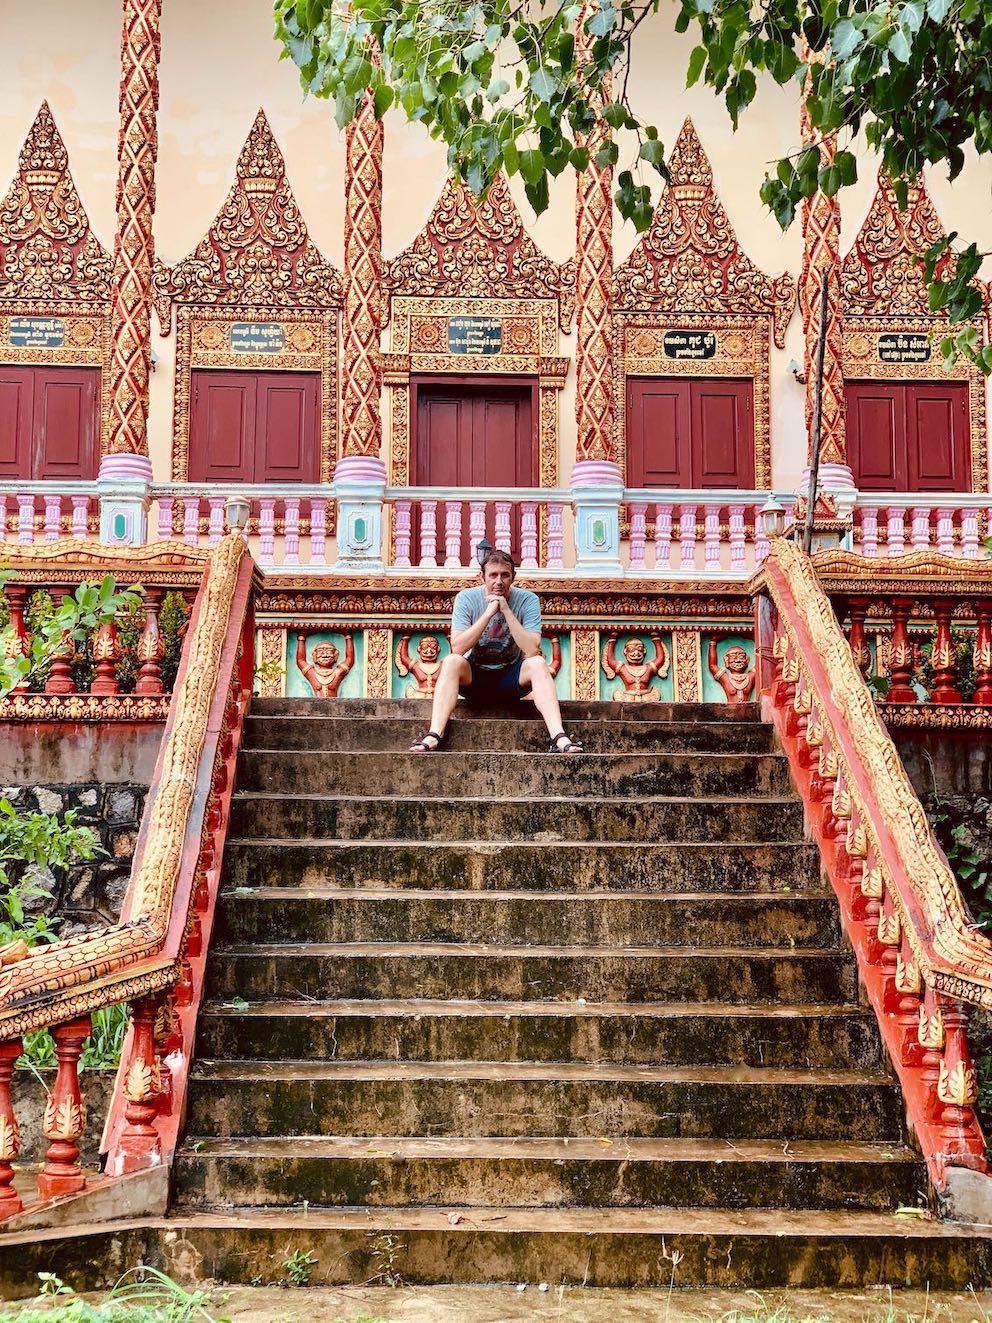 Samot Raingsey Pagoda Kep Cambodia